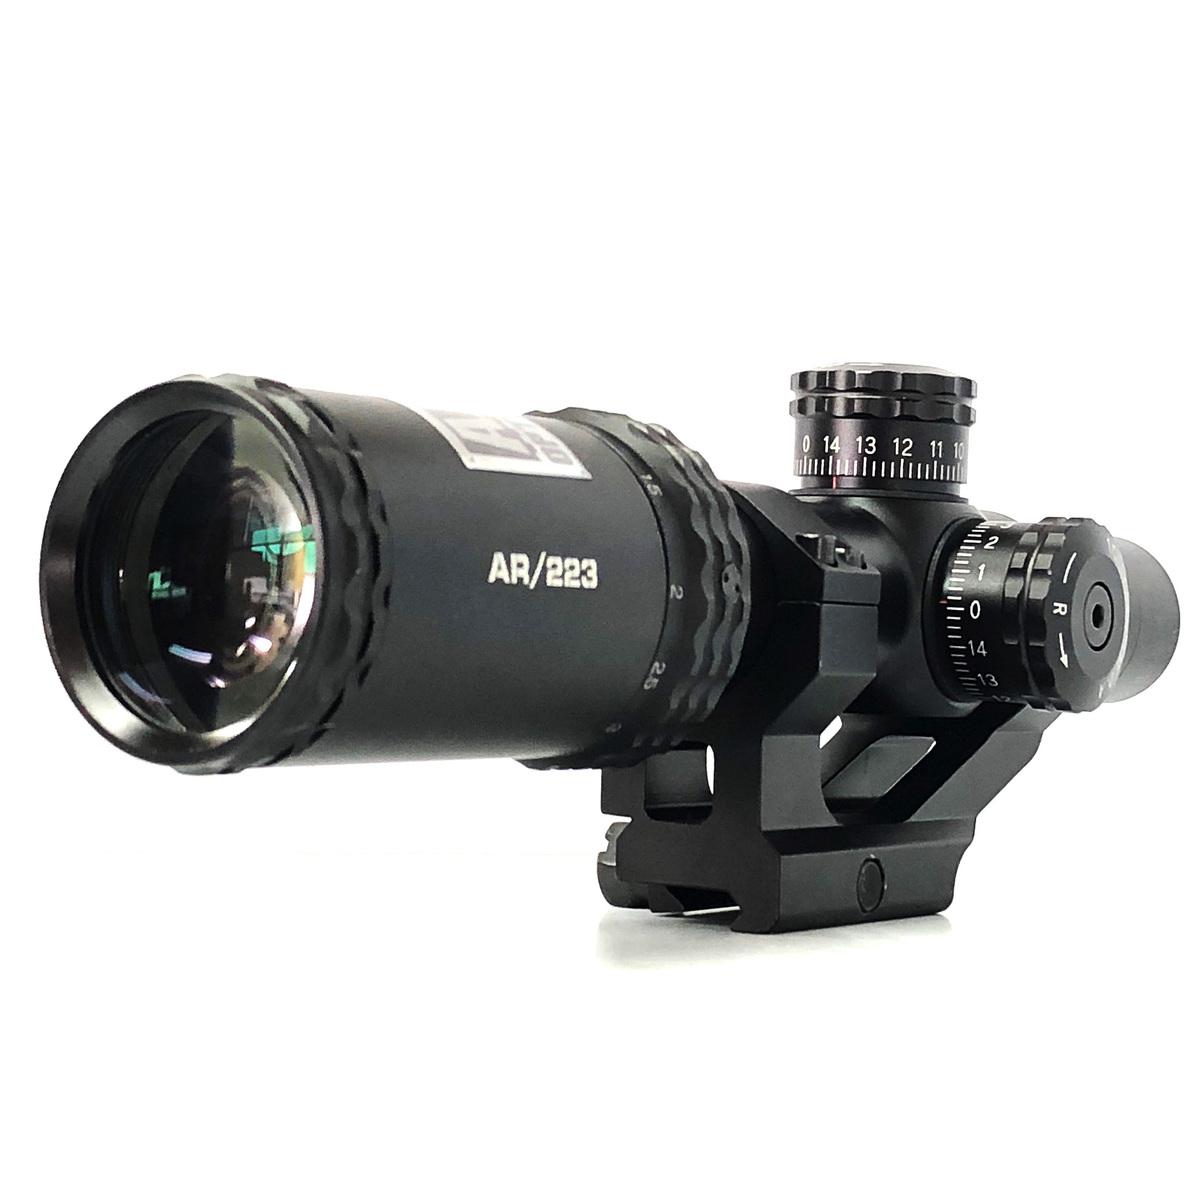 BUSHNELL AR OPTICSAR223 1-4×24mm Short Scope